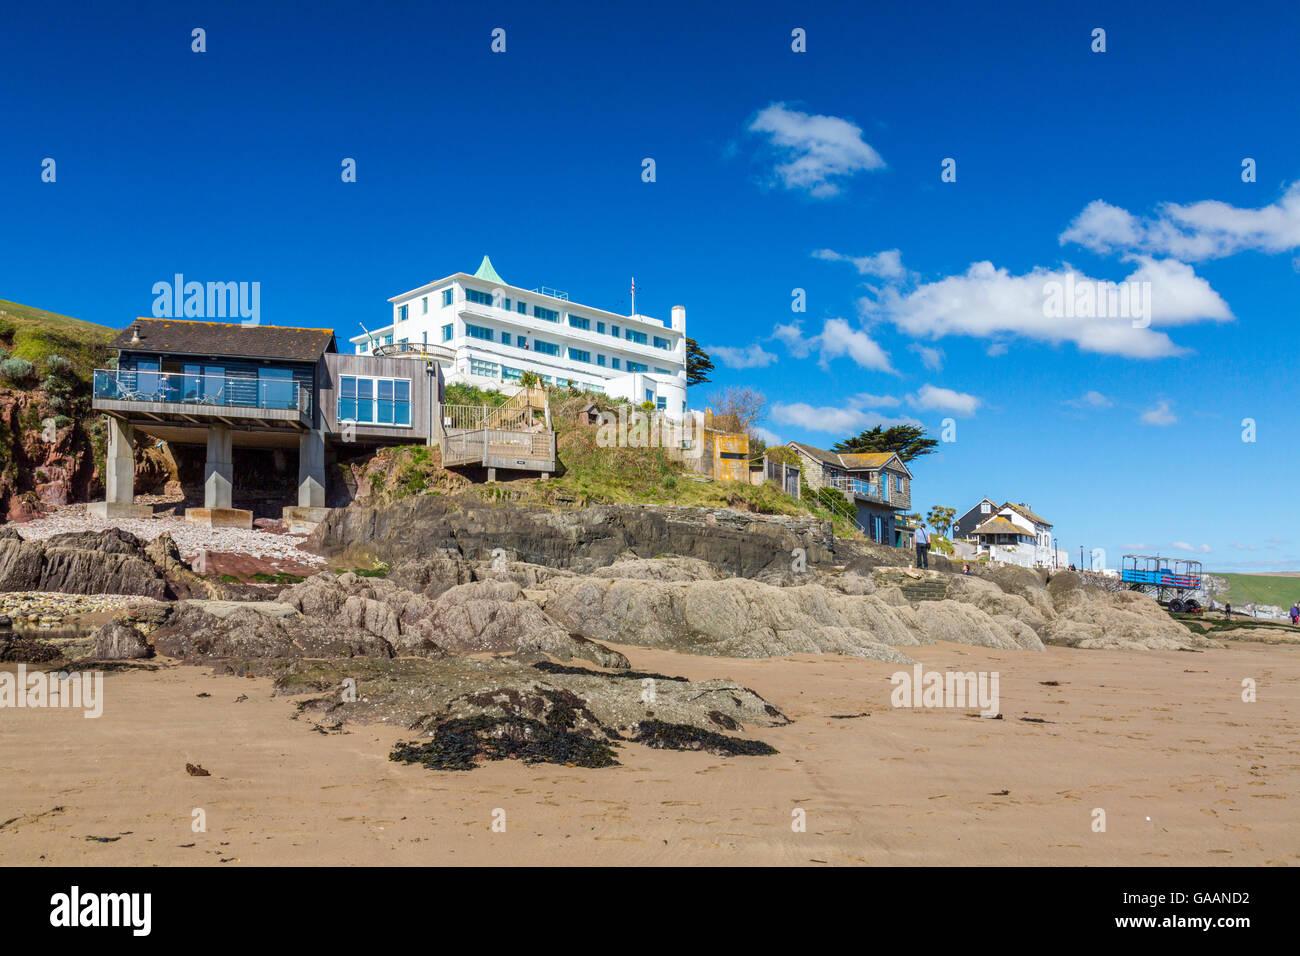 Burgh island devon stock photos burgh island devon stock for Art deco hotel devon